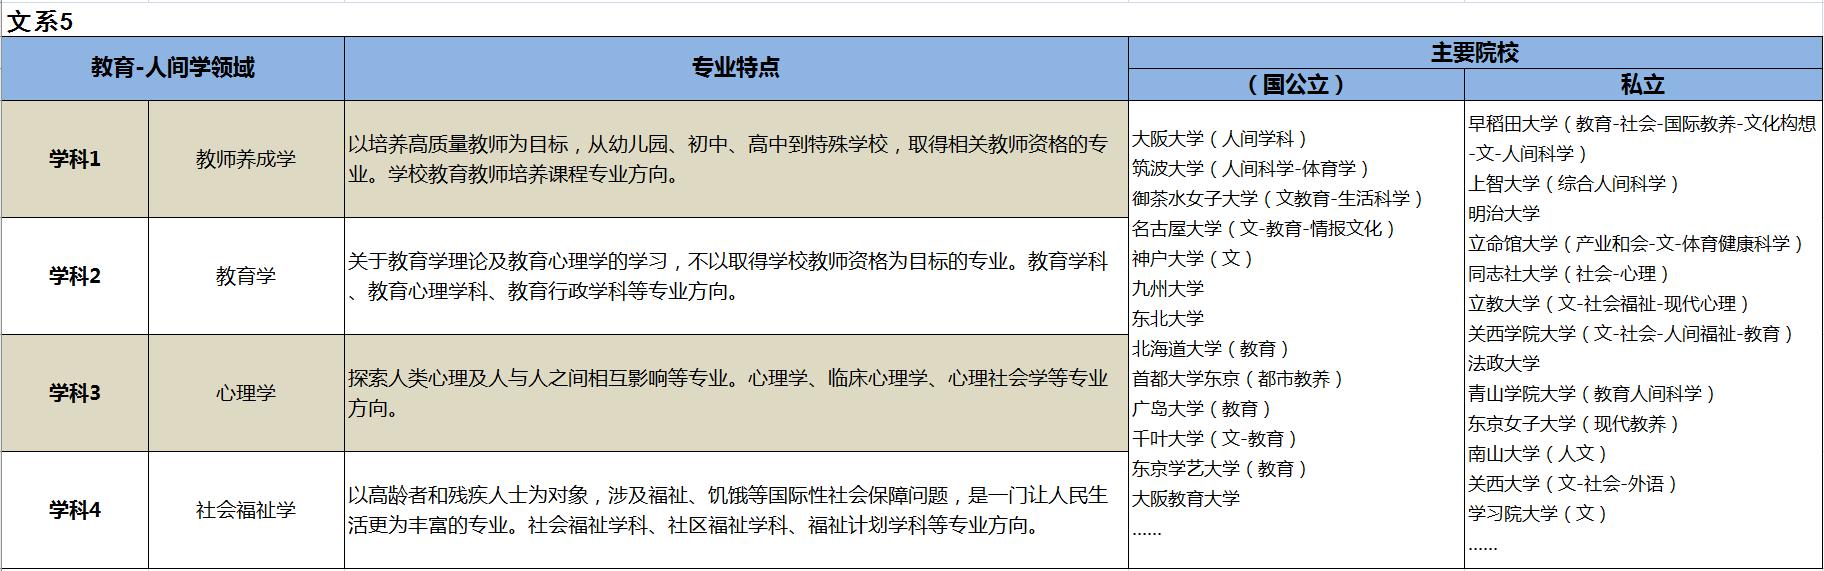 文系-教育-人间学.png